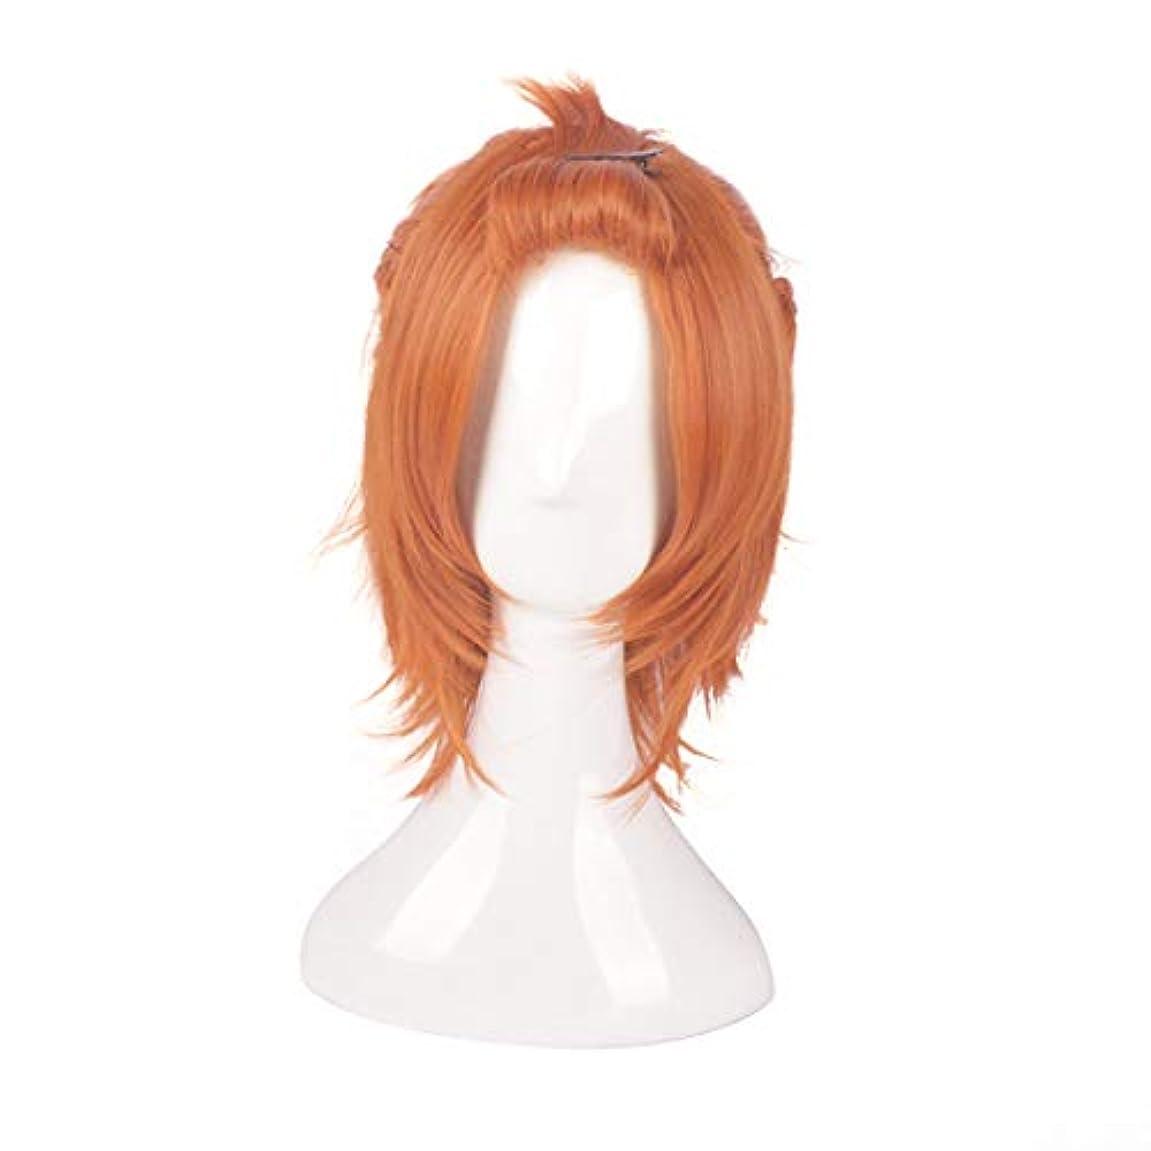 口述樫の木実際にJIANFU ショートヘアオレンジマイクロショートヘアヨーロッパとアメリカアニメスタイルウィッグコスプレウィッグ君のために (Color : オレンジ)